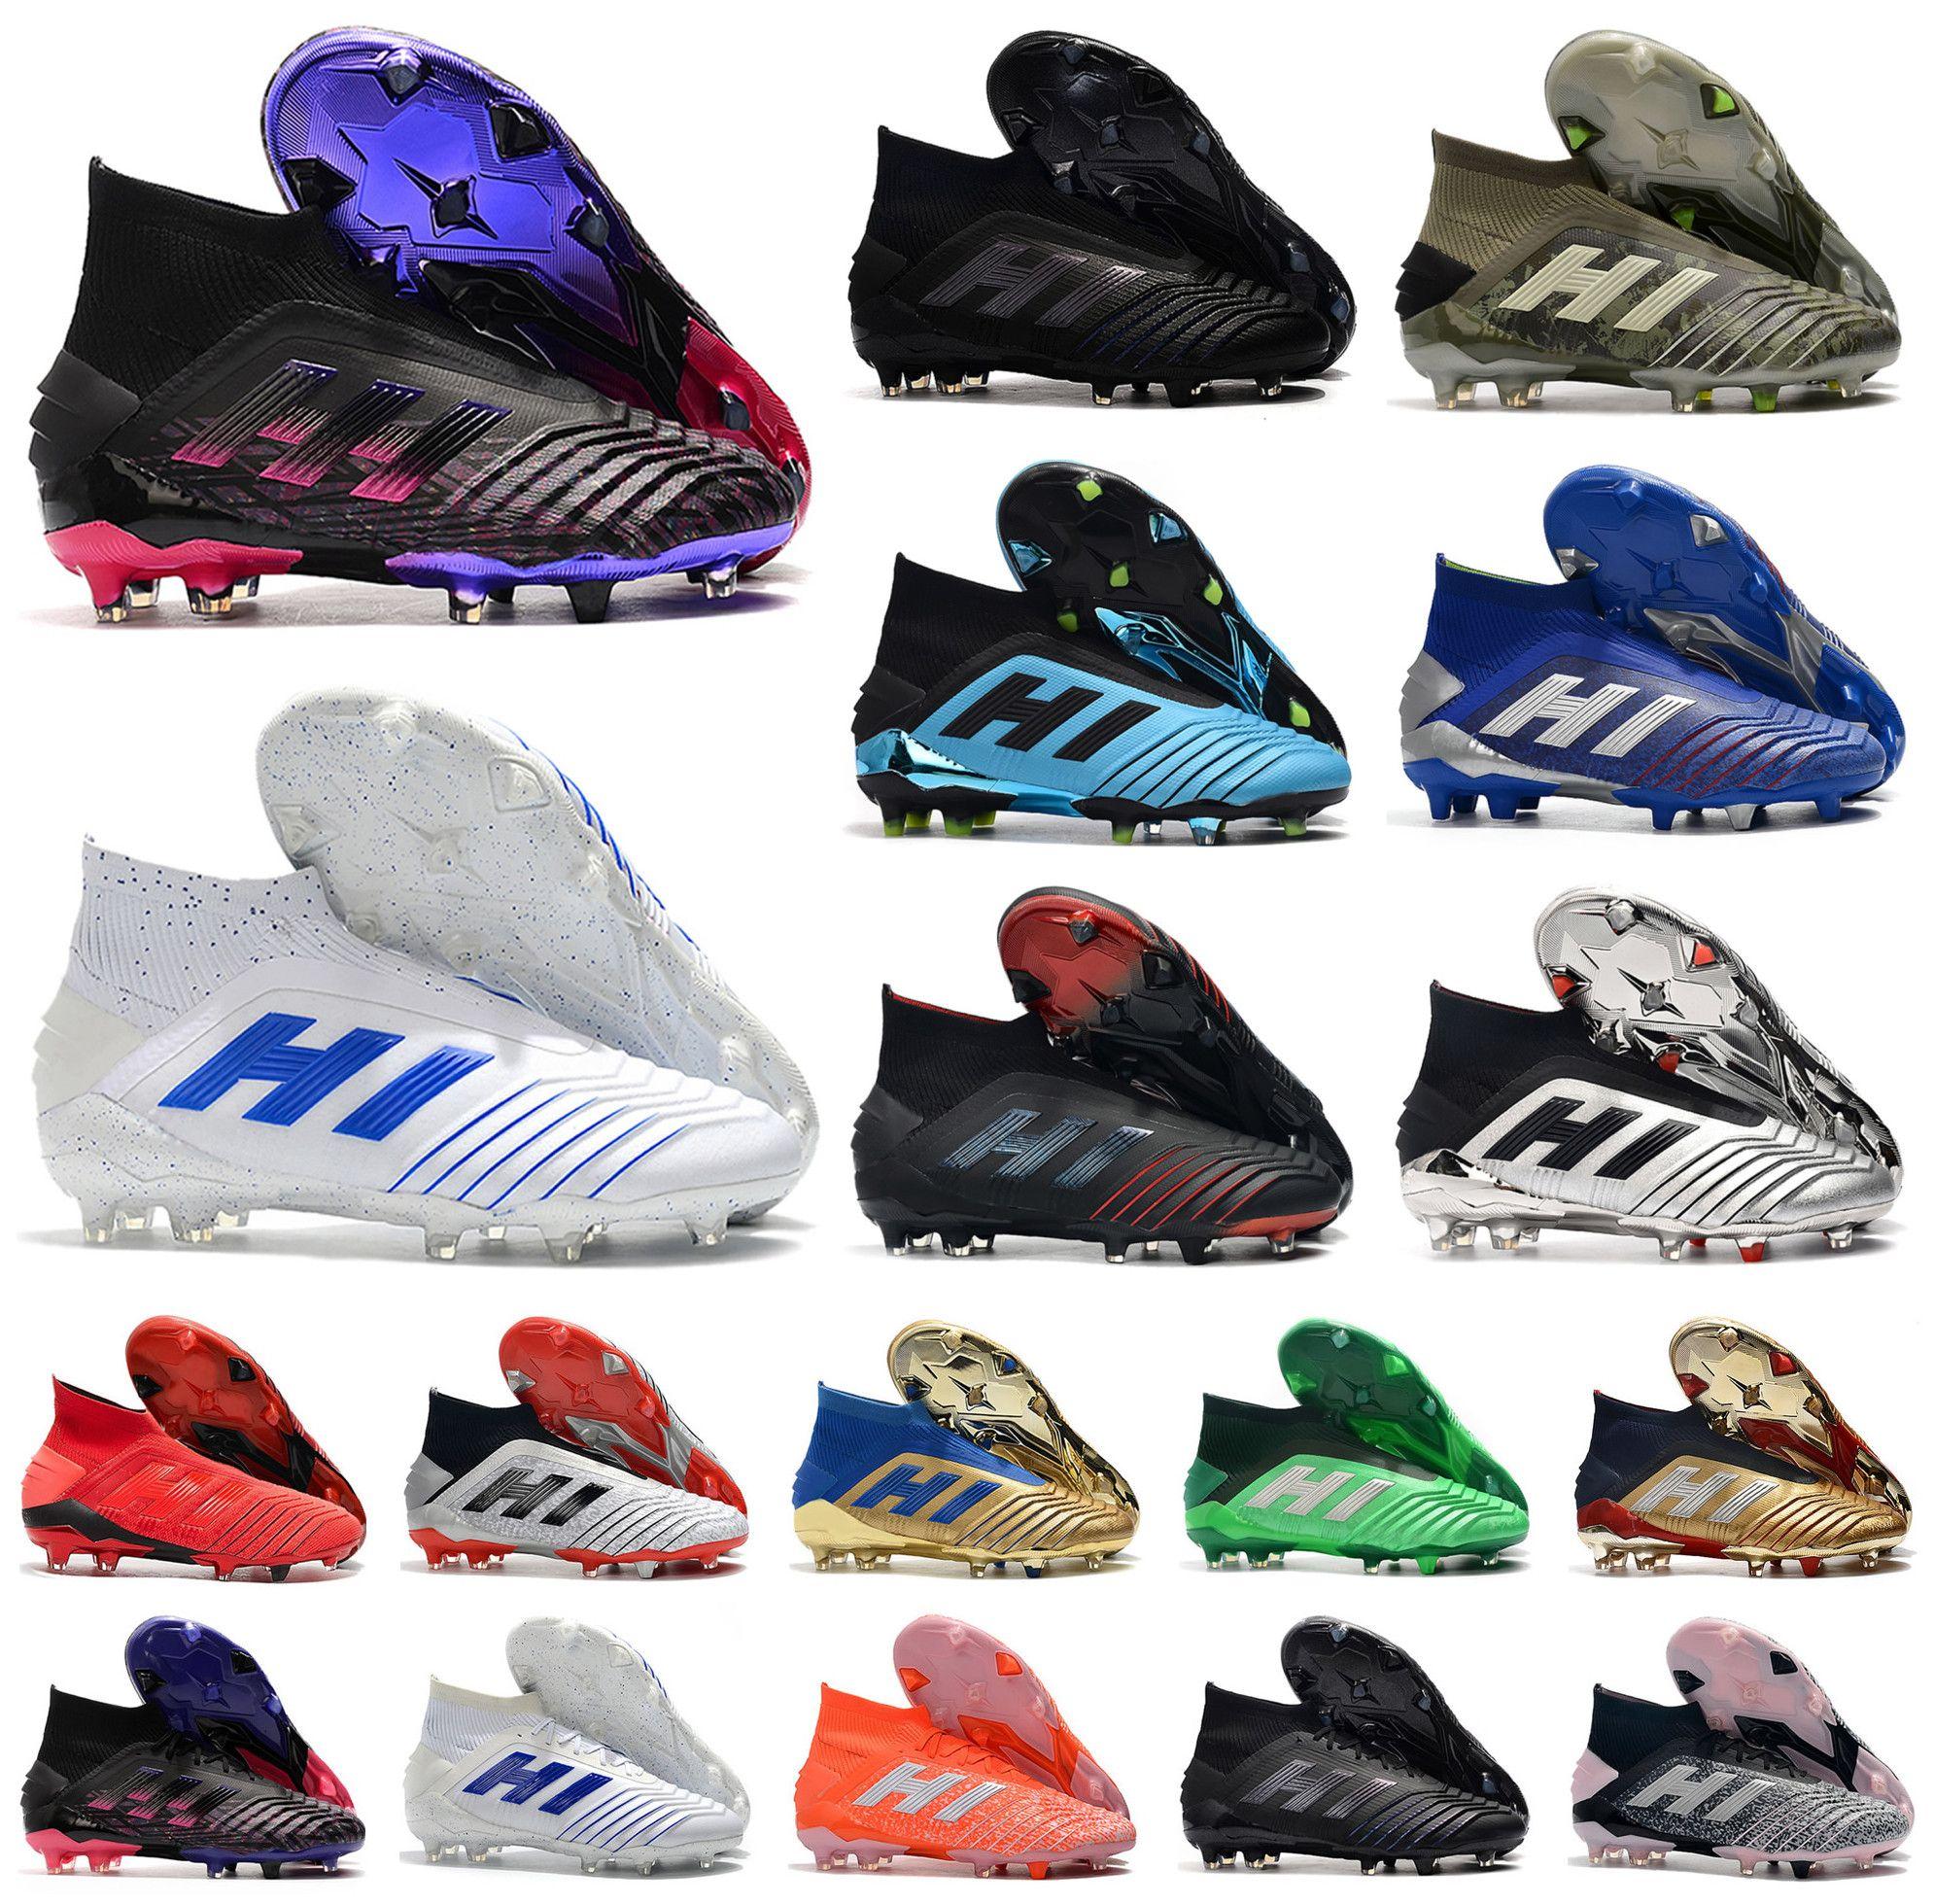 pogba shoes 2019